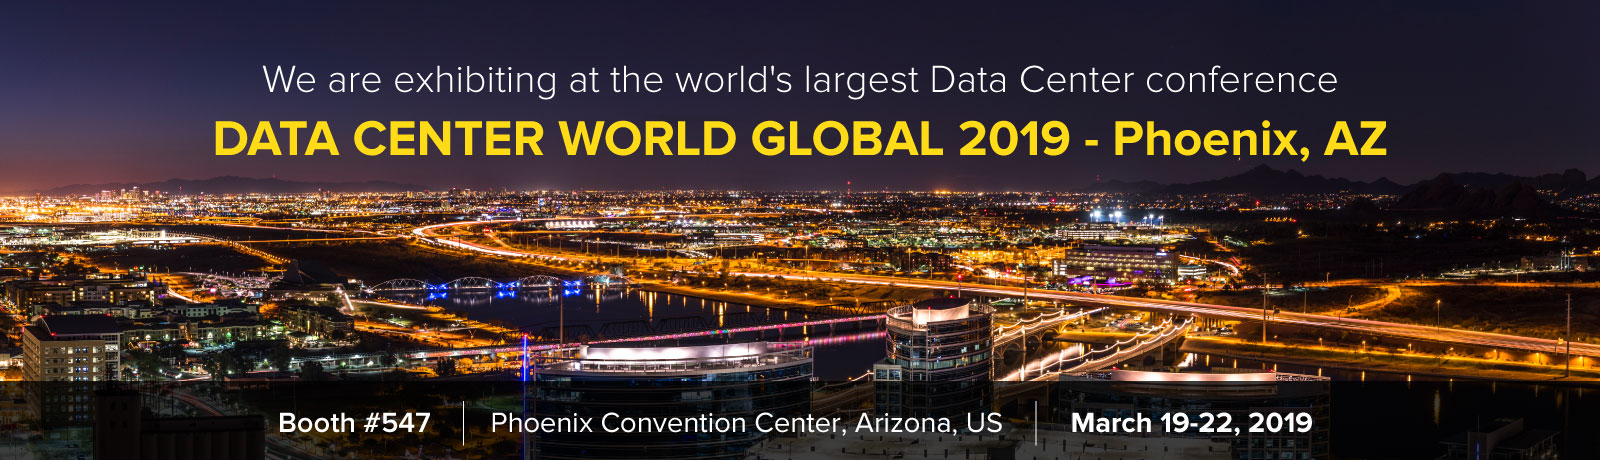 Data-center-world-web-slider3